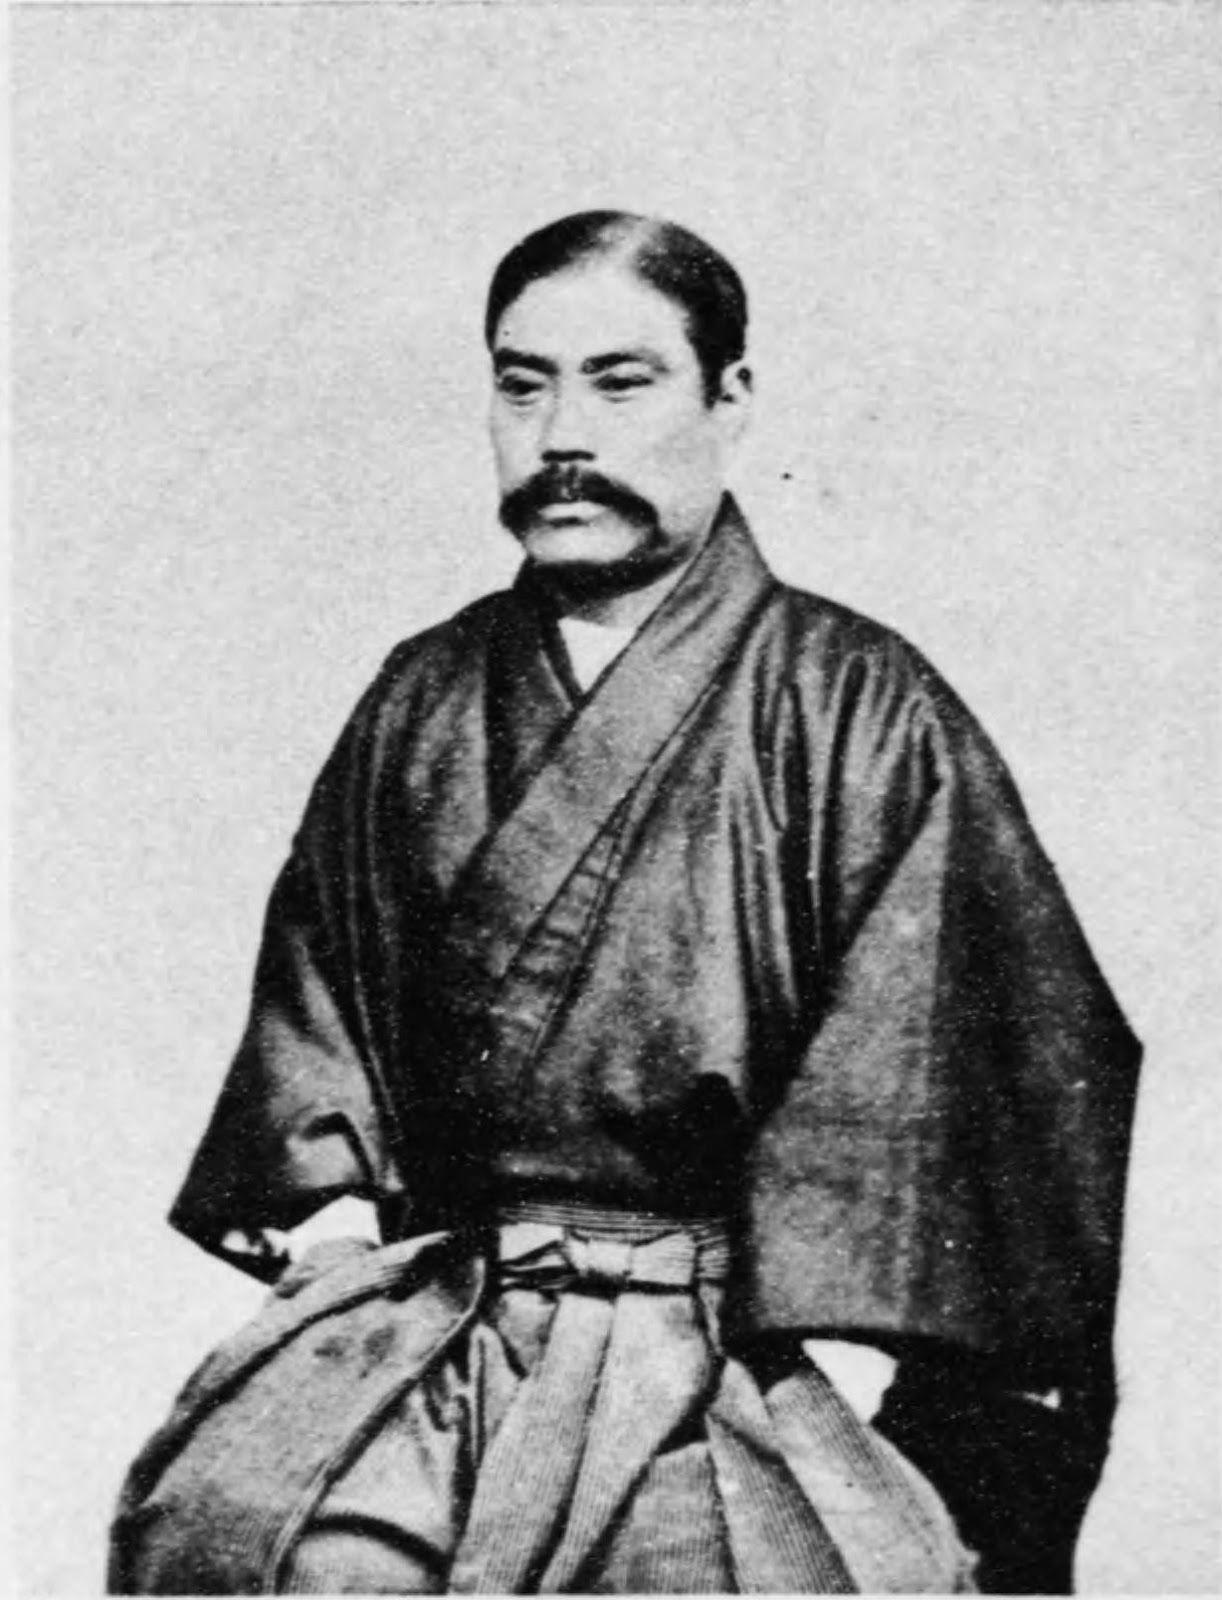 財界人物我観: 岩崎弥太郎 | 古い写真, 幕末 写真, 歴史的な写真